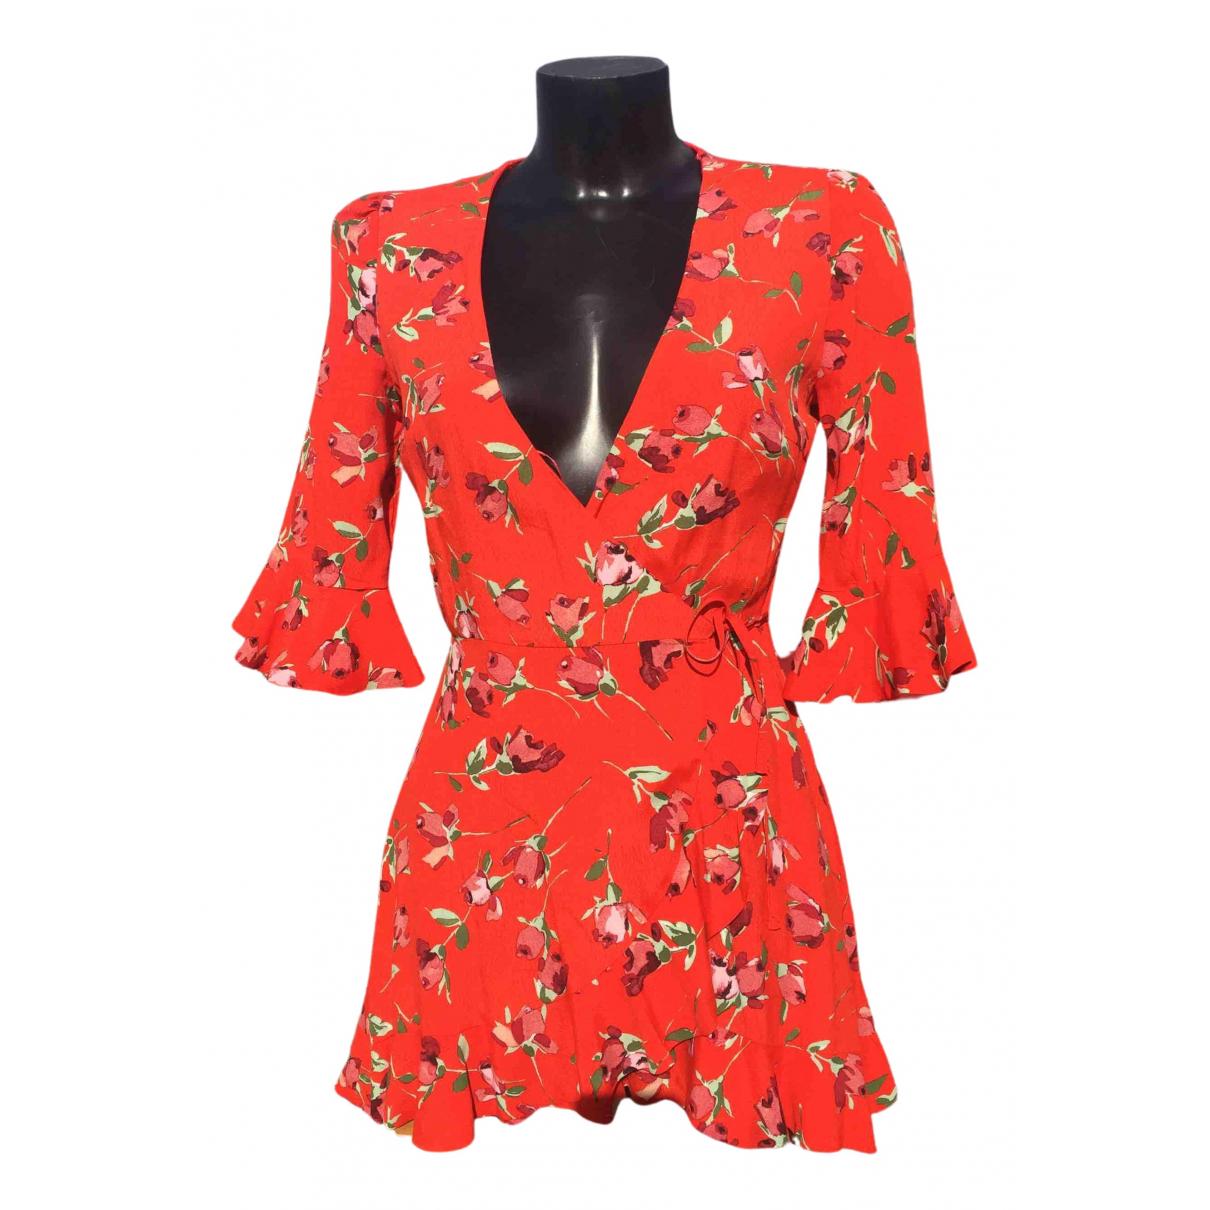 Zara N Red dress for Women 36 FR